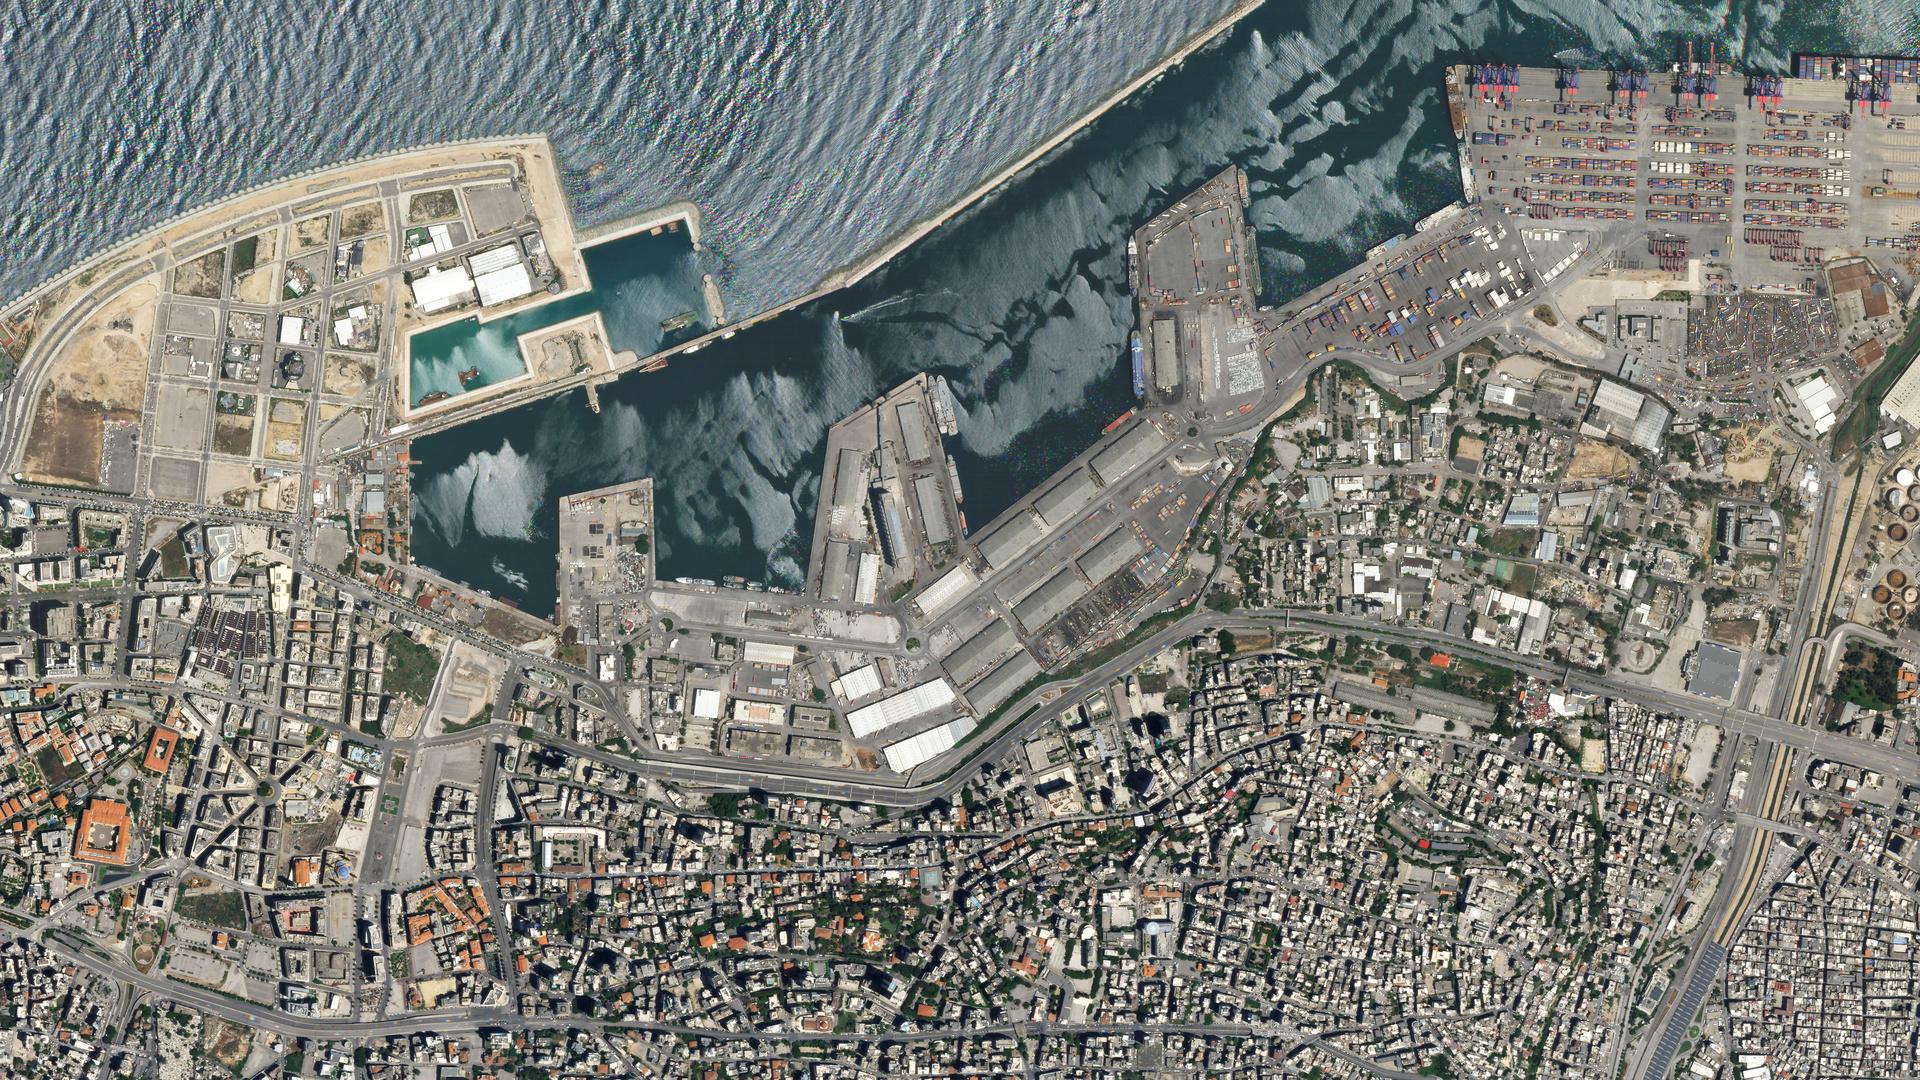 كان يمكن أن تمحى بيروت عن وجه الأرض!